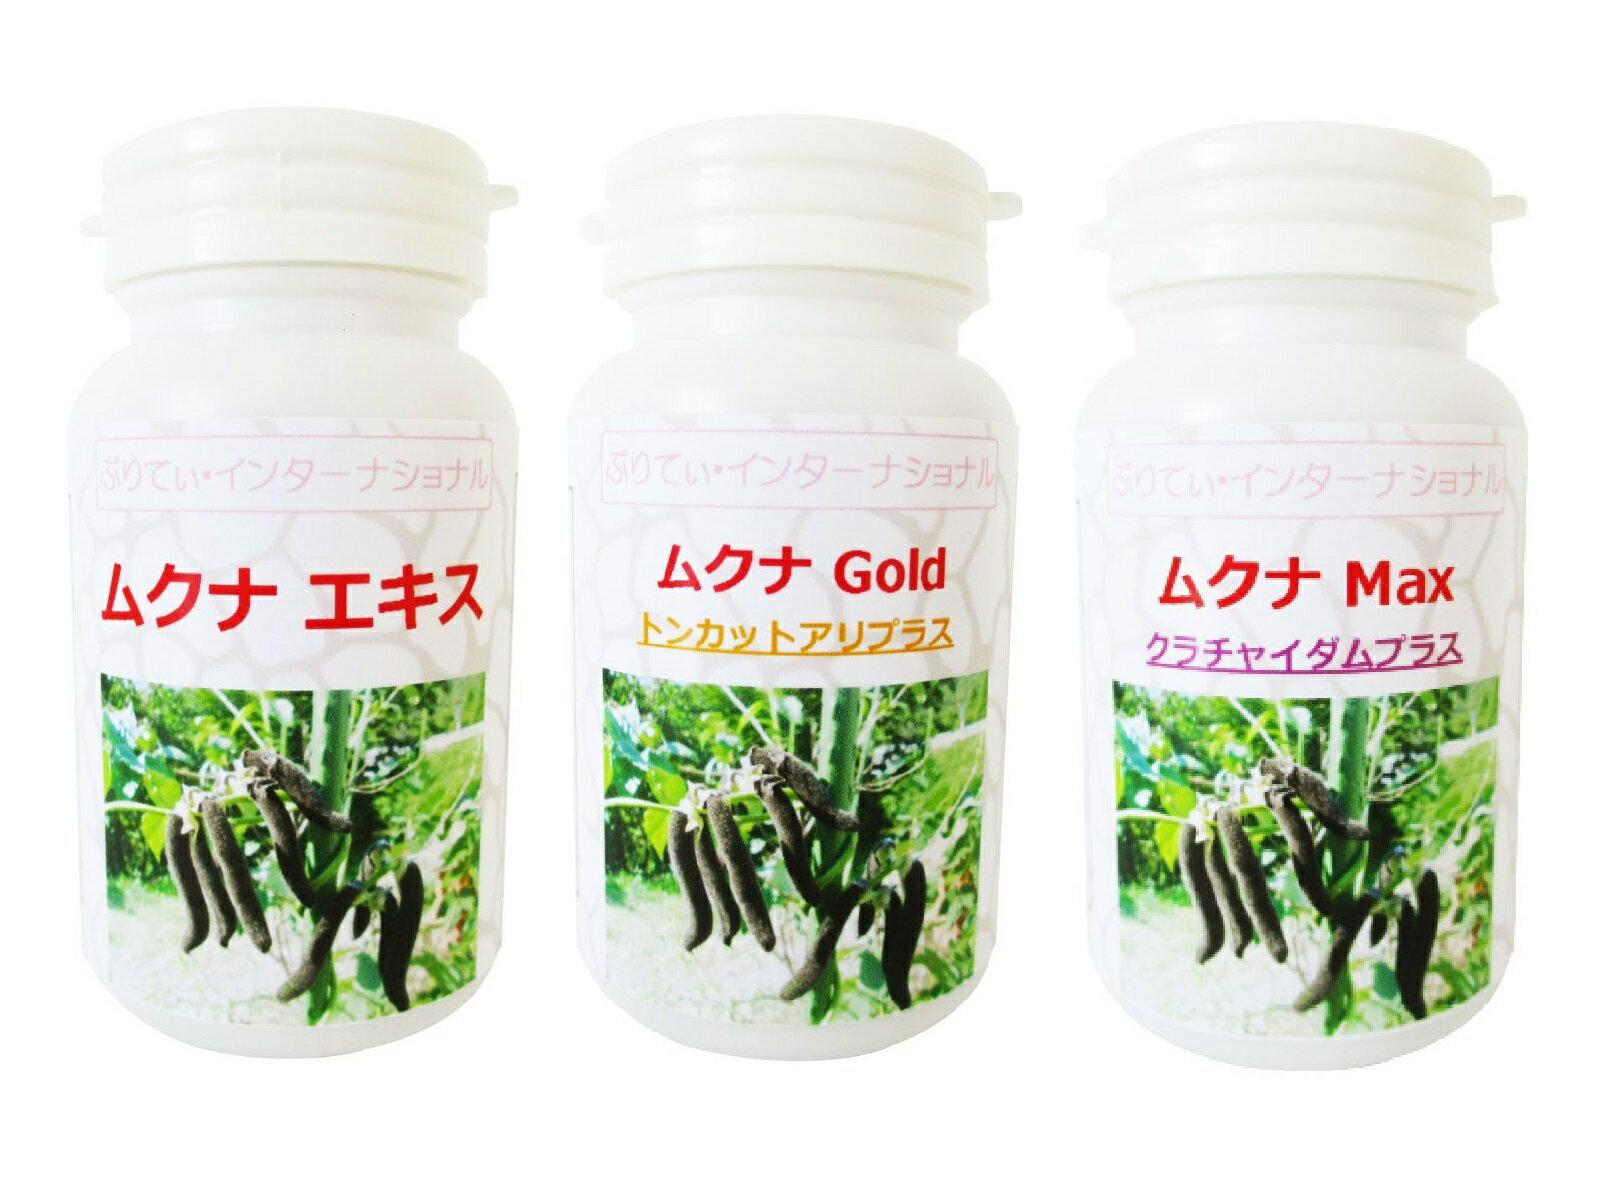 ムクナ スペシャルセット (エキス・Gold・Max各30日分)